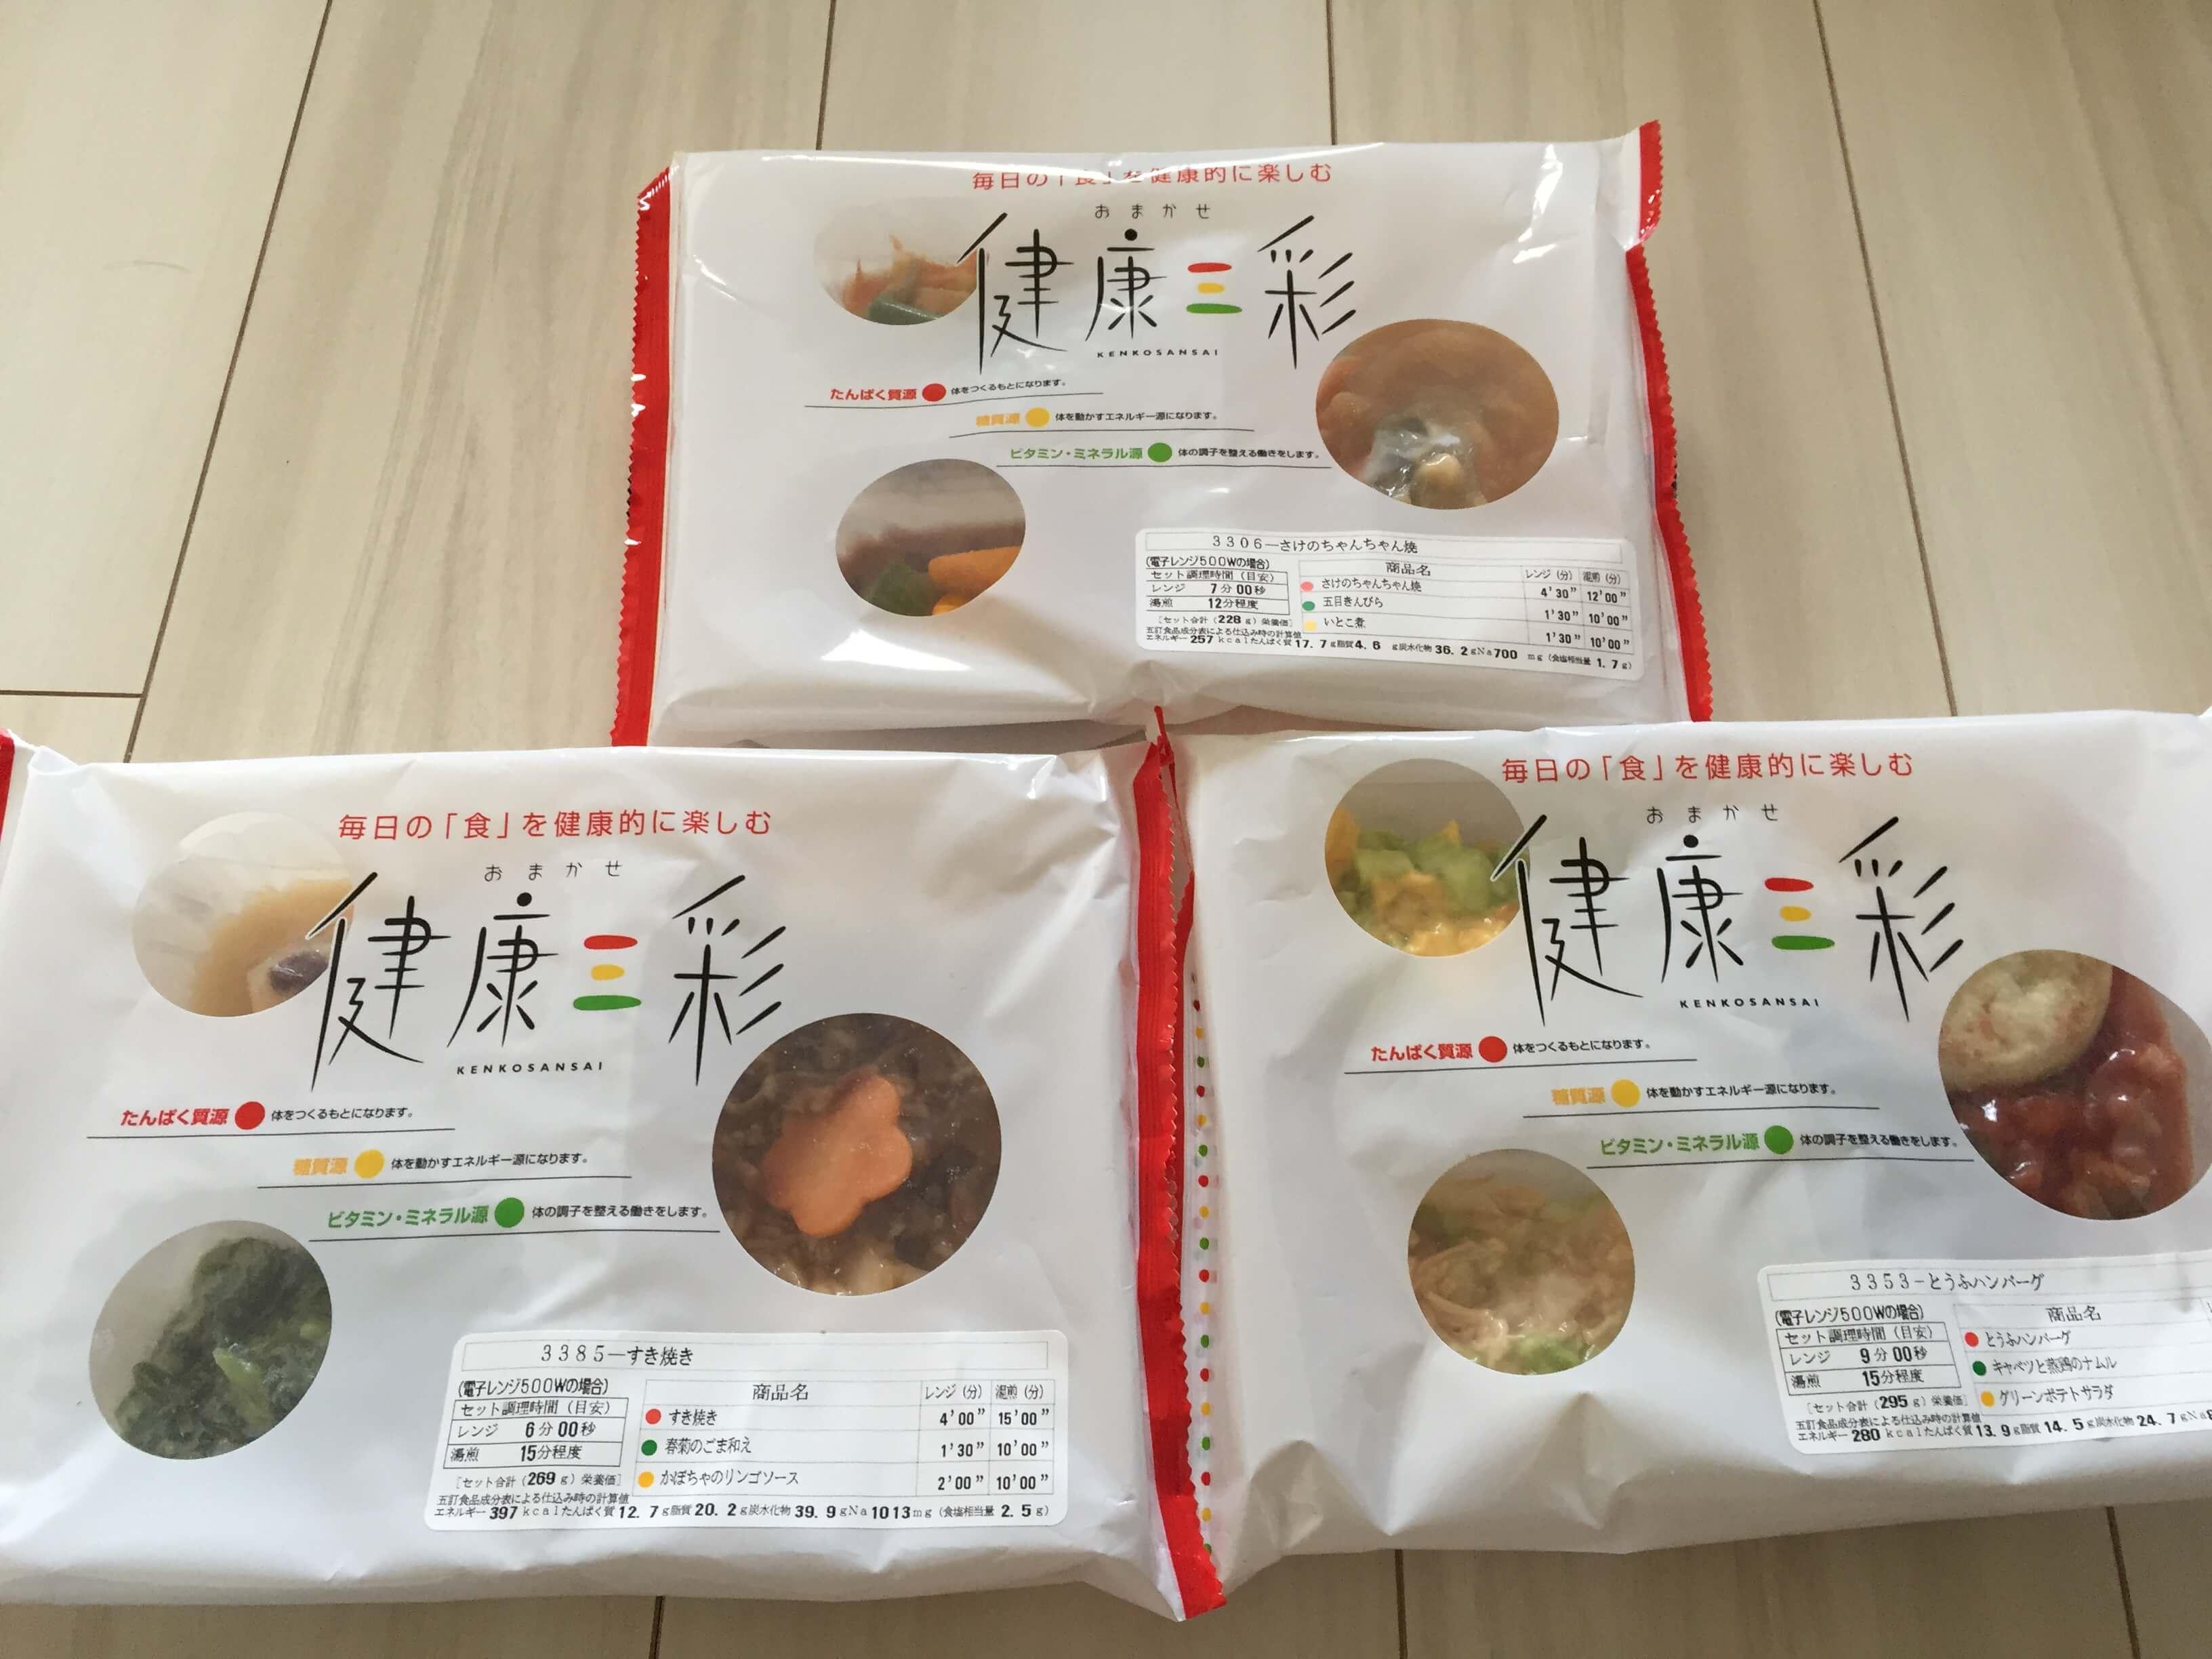 おまかせ健康三彩の冷凍宅配弁当の3食分